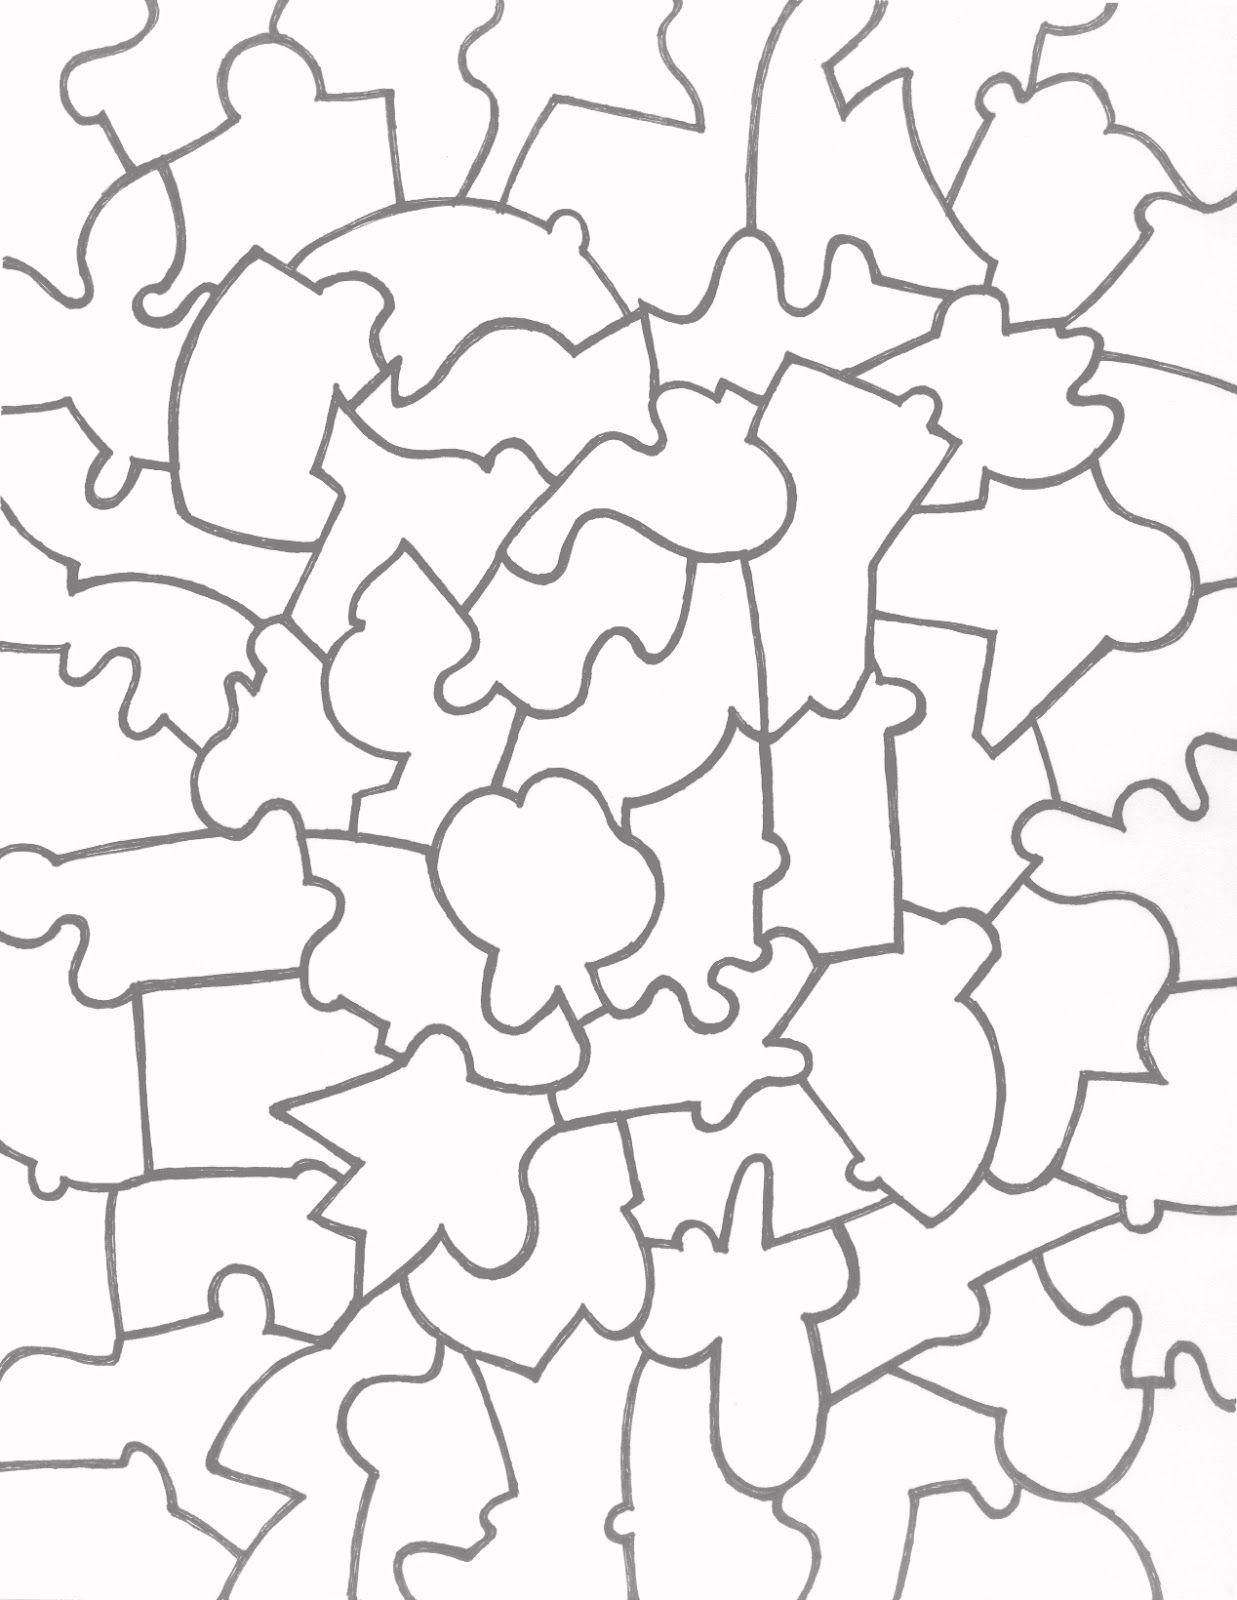 JigsawPuzzleTemplatePrintable  Vector    Printable